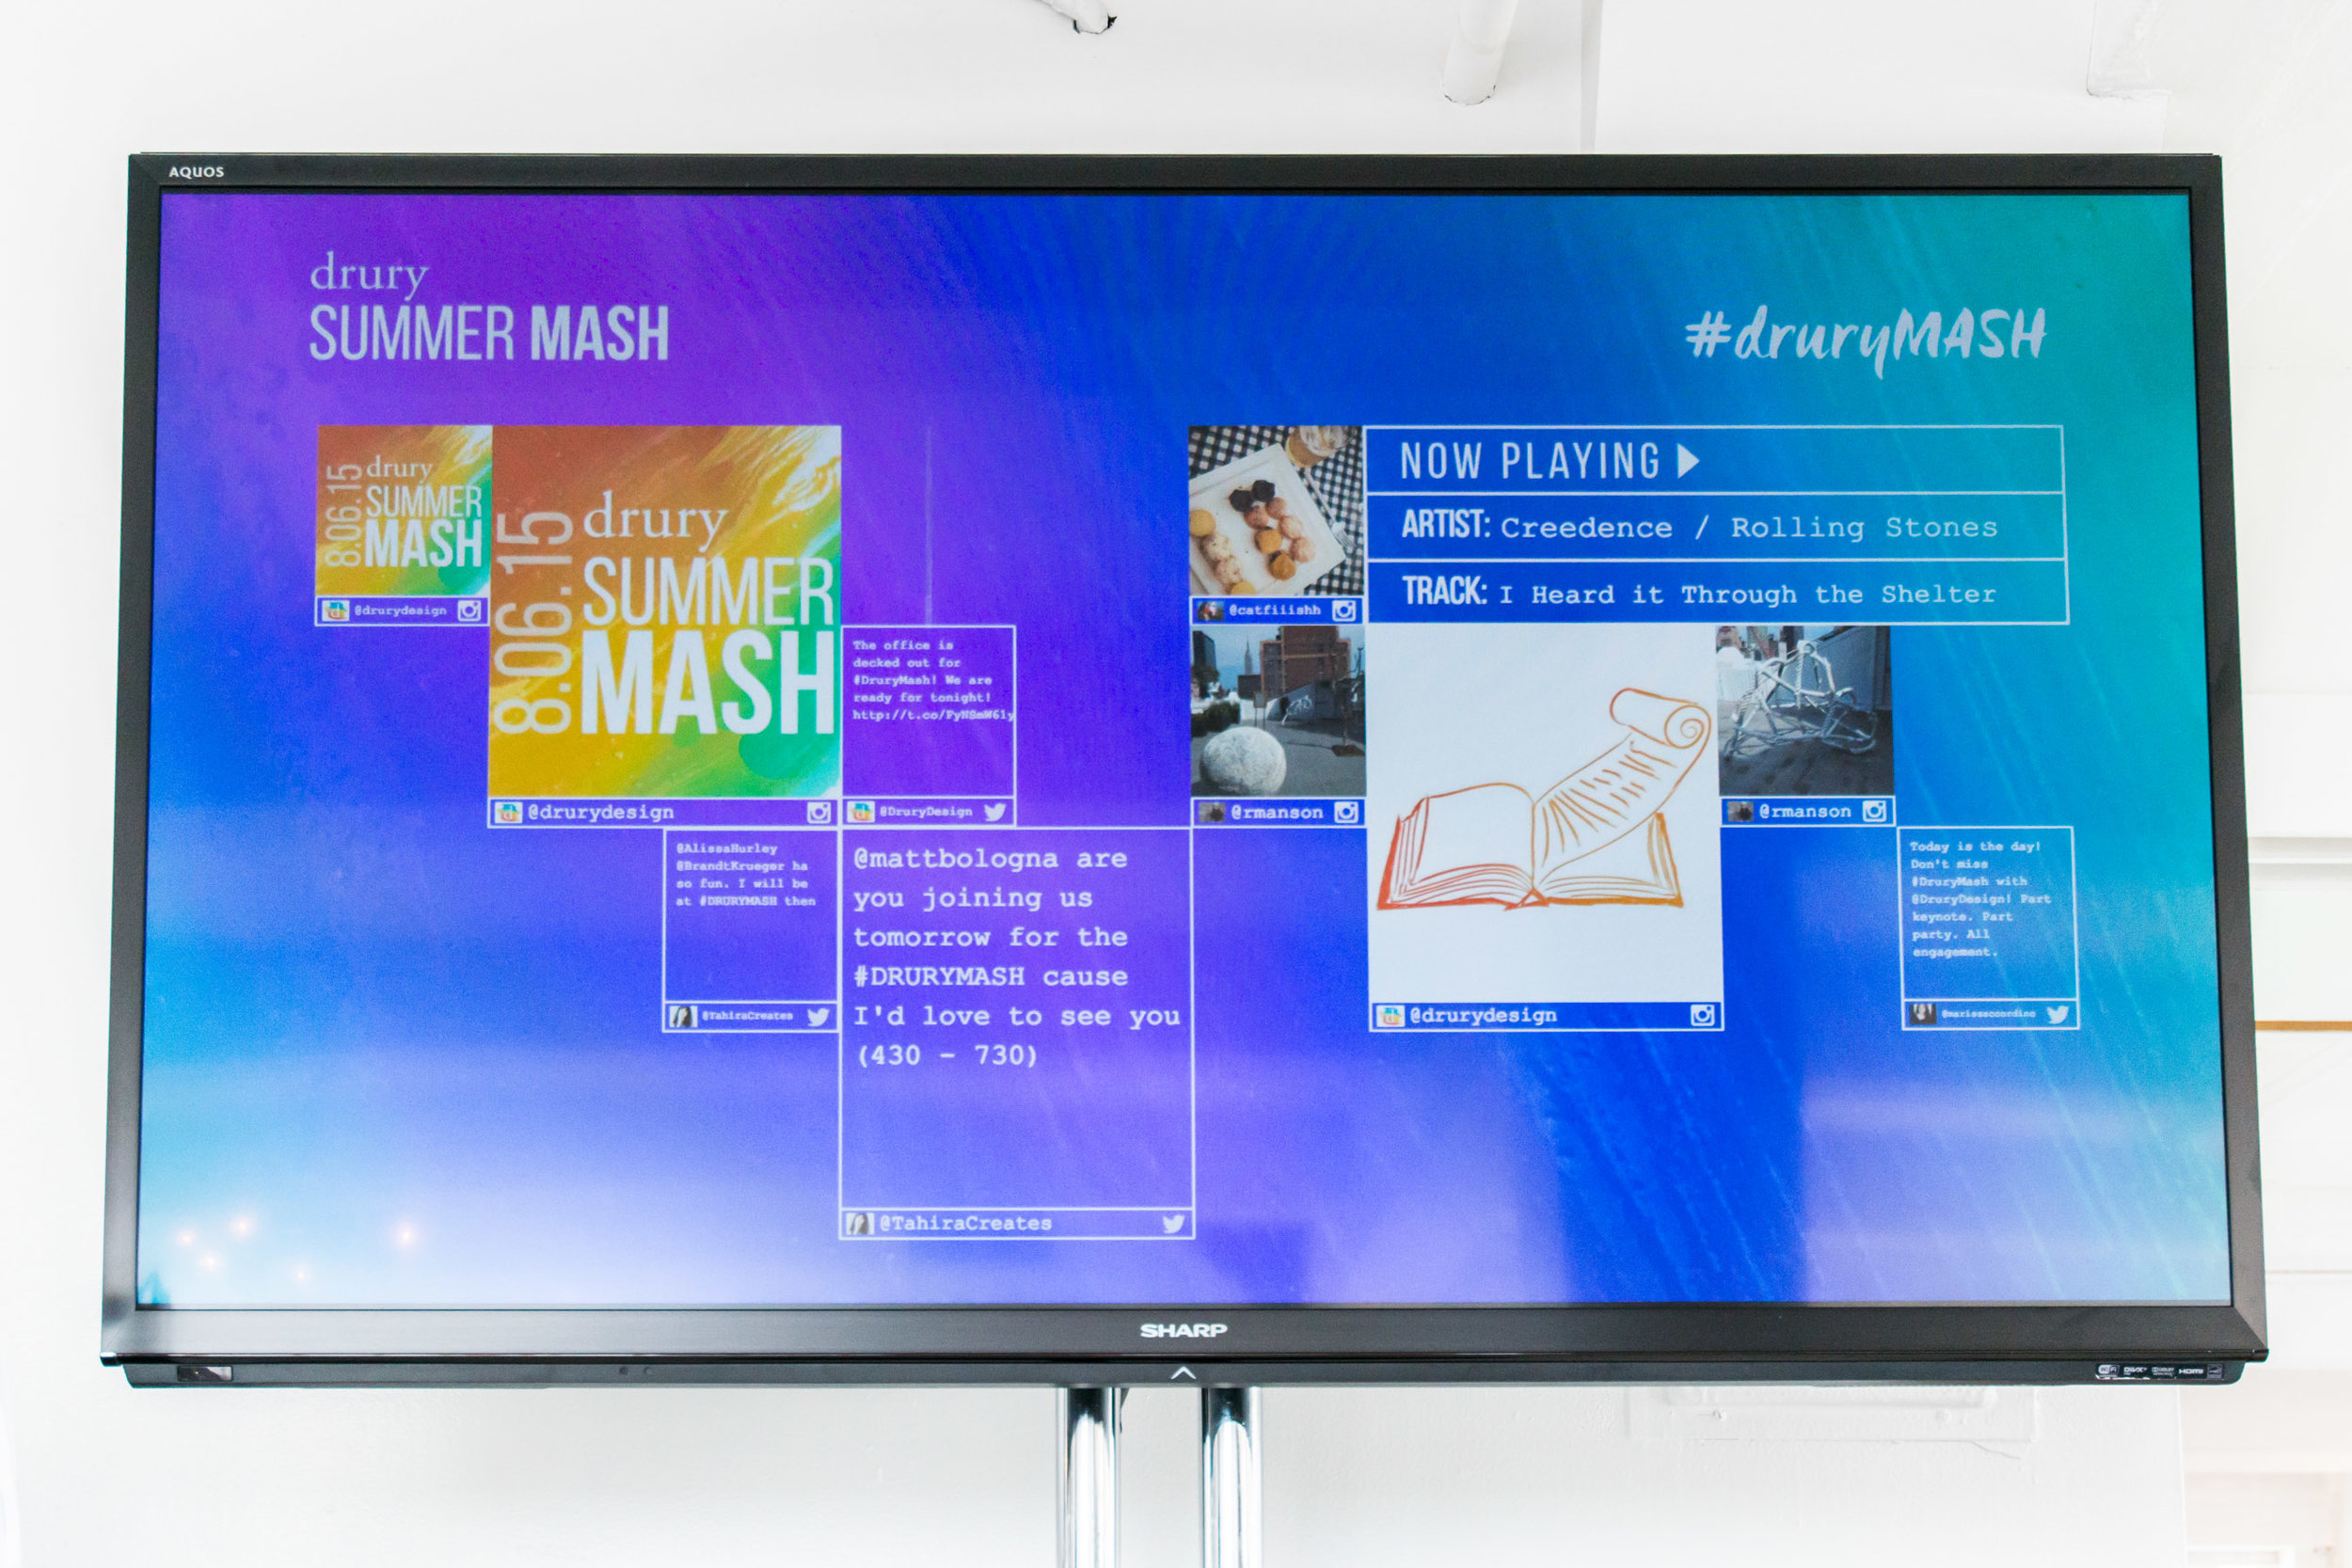 Drury Summer Smash 2015 Large-TA051.jpg